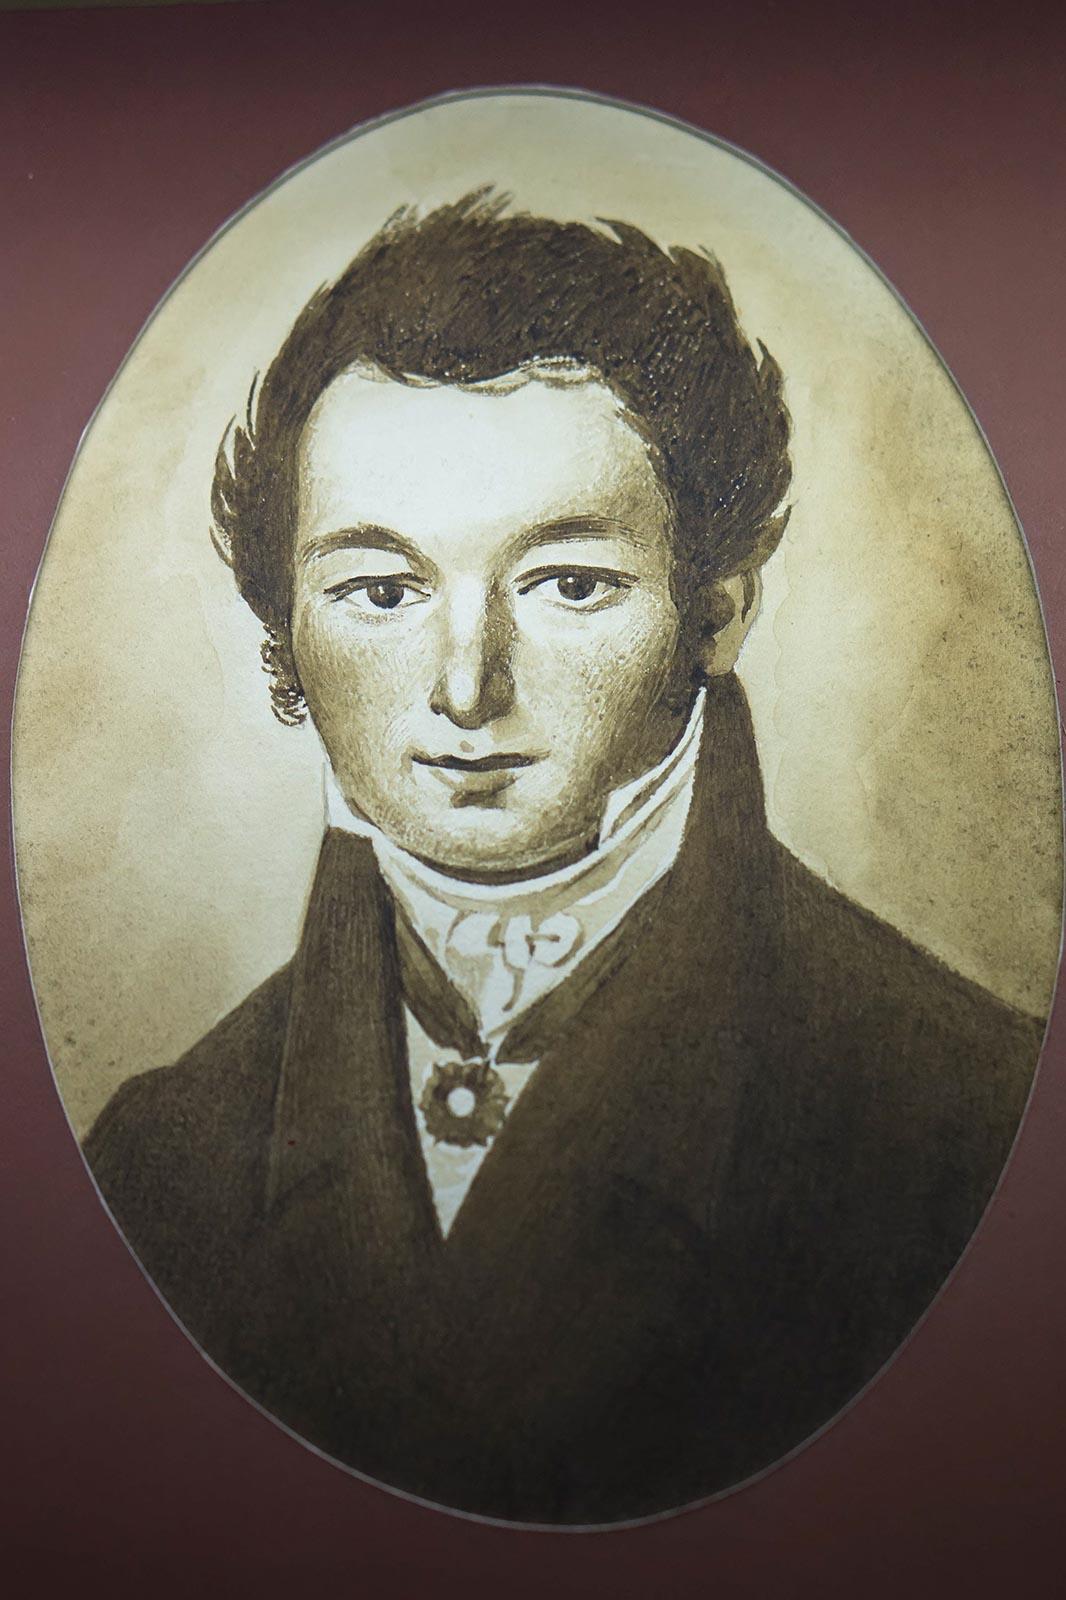 Фото №119663. Симонов Иван Михайлович (1794-1855). Профессор Императорского Казанского университета